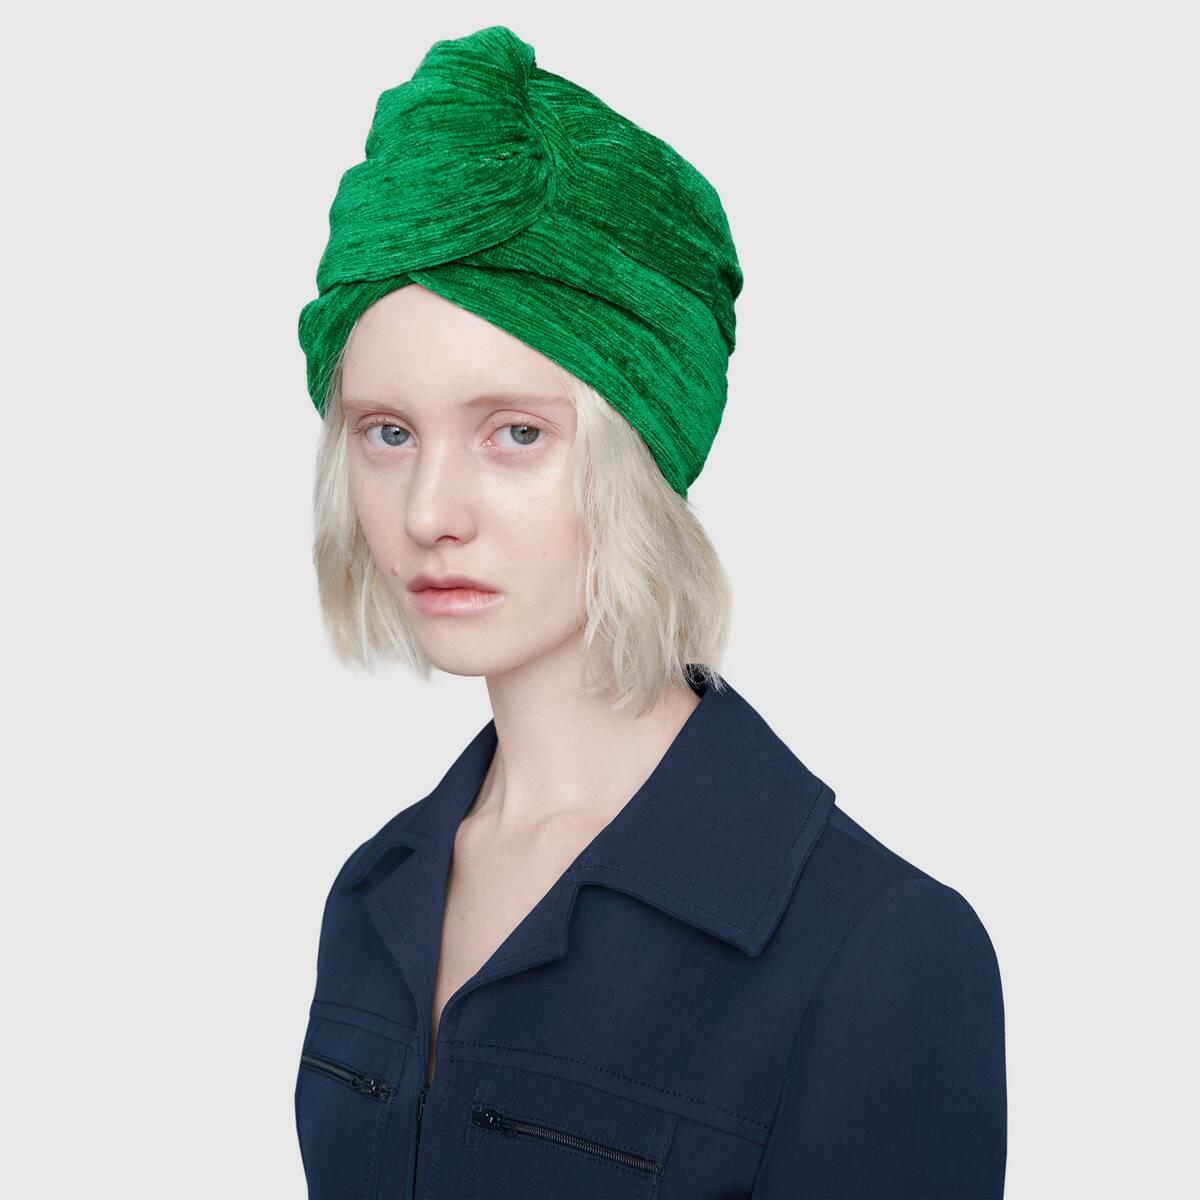 577885_3GD19_3100_008_100_0000_Light-Velvet-headband.jpg